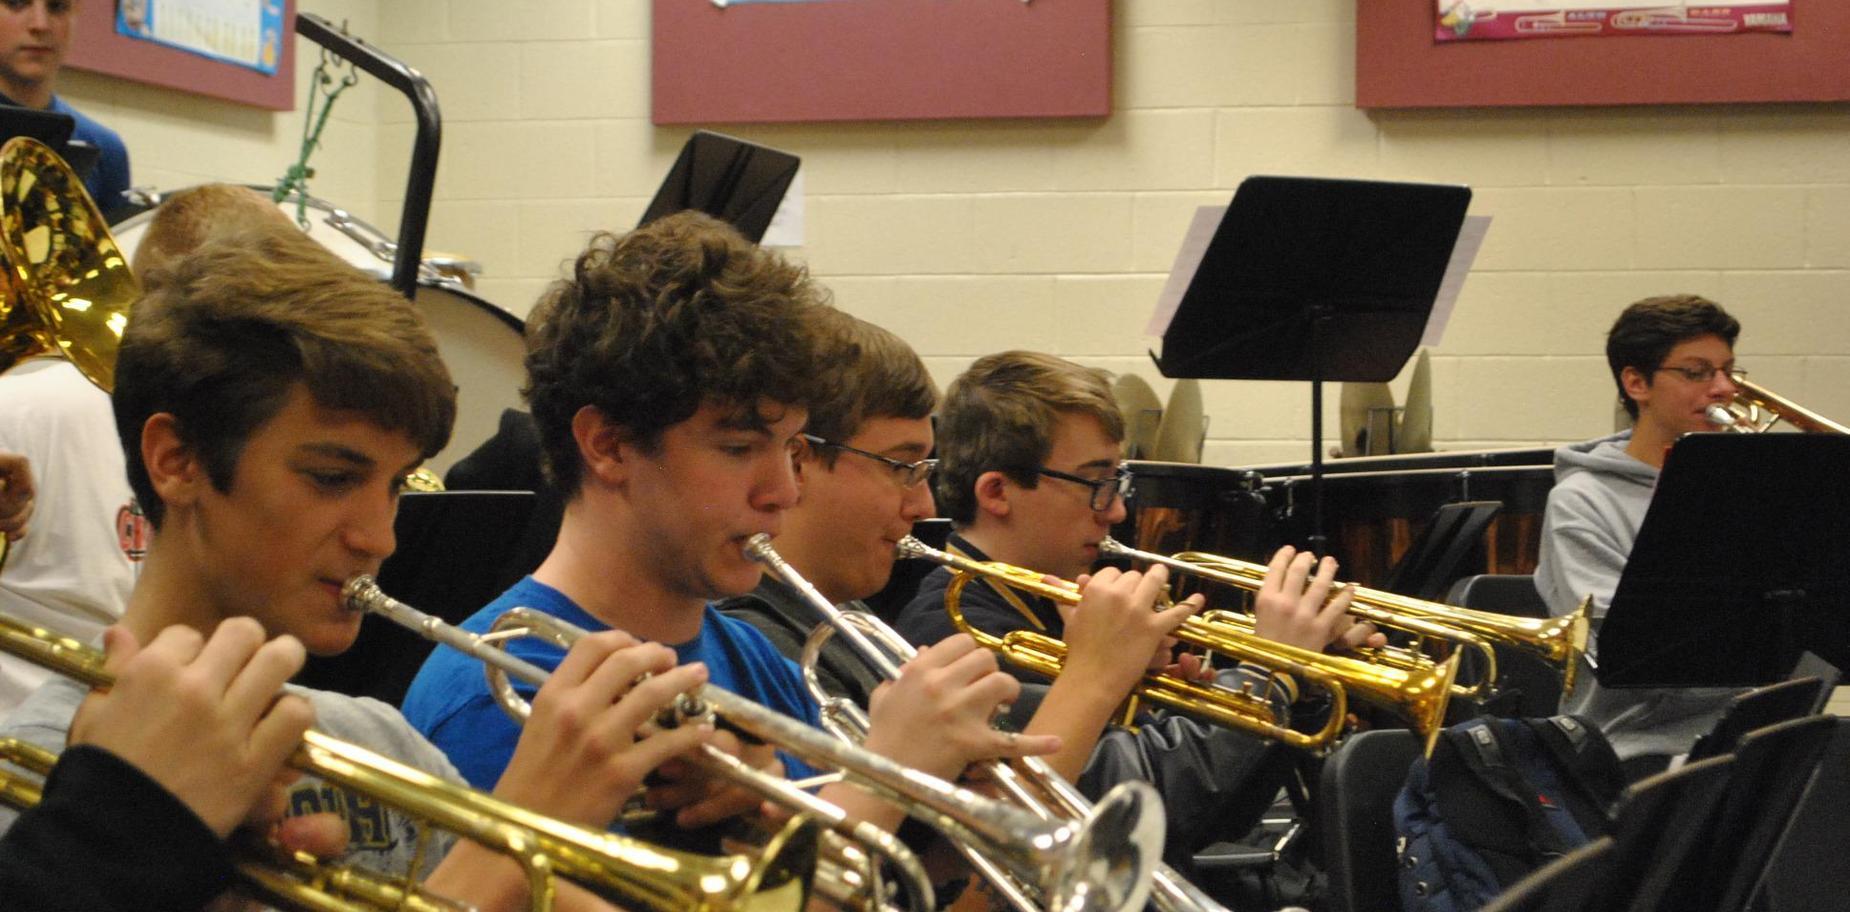 KHS Band Class